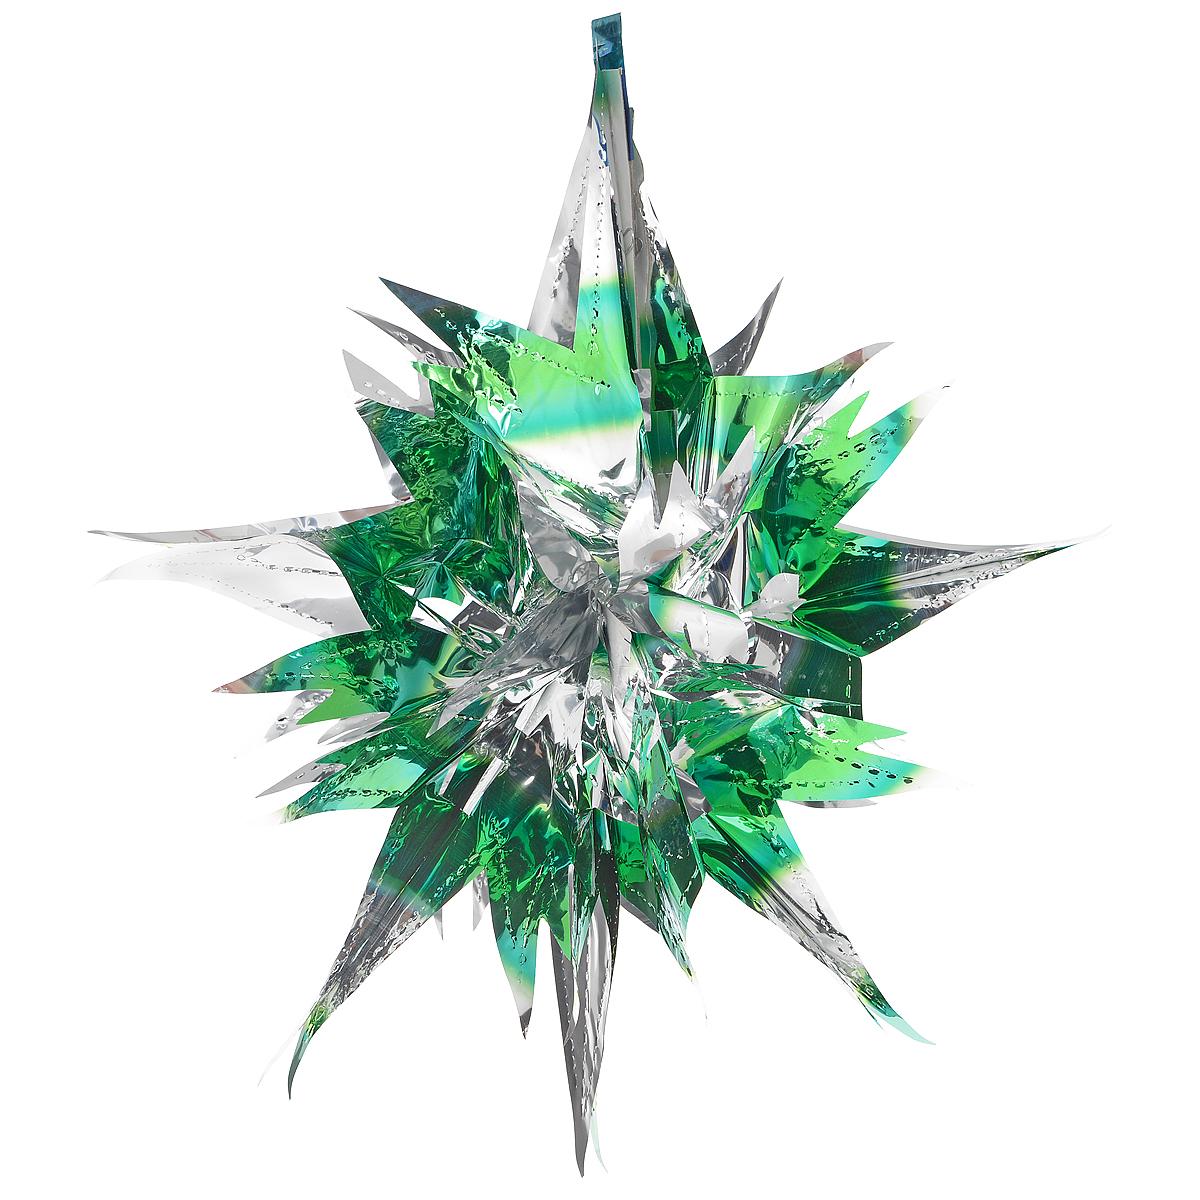 Новогоднее подвесное украшение Звезда, цвет: серебристый, зеленый. 2700927009Новогоднее украшение Звезда отлично подойдет для декорации вашего дома и новогодней ели. Украшение выполнено из ПВХ в форме многогранной многоцветной звезды. С помощью специальной петельки звезду можно повесить в любом понравившемся вам месте. Украшение легко складывается и раскладывается благодаря металлическим кольцам. Новогодние украшения несут в себе волшебство и красоту праздника. Они помогут вам украсить дом к предстоящим праздникам и оживить интерьер по вашему вкусу. Создайте в доме атмосферу тепла, веселья и радости, украшая его всей семьей. Коллекция декоративных украшений из серии Magic Time принесет в ваш дом ни с чем не сравнимое ощущение волшебства! Размер украшения (в сложенном виде): 25 см х 21,5 см.